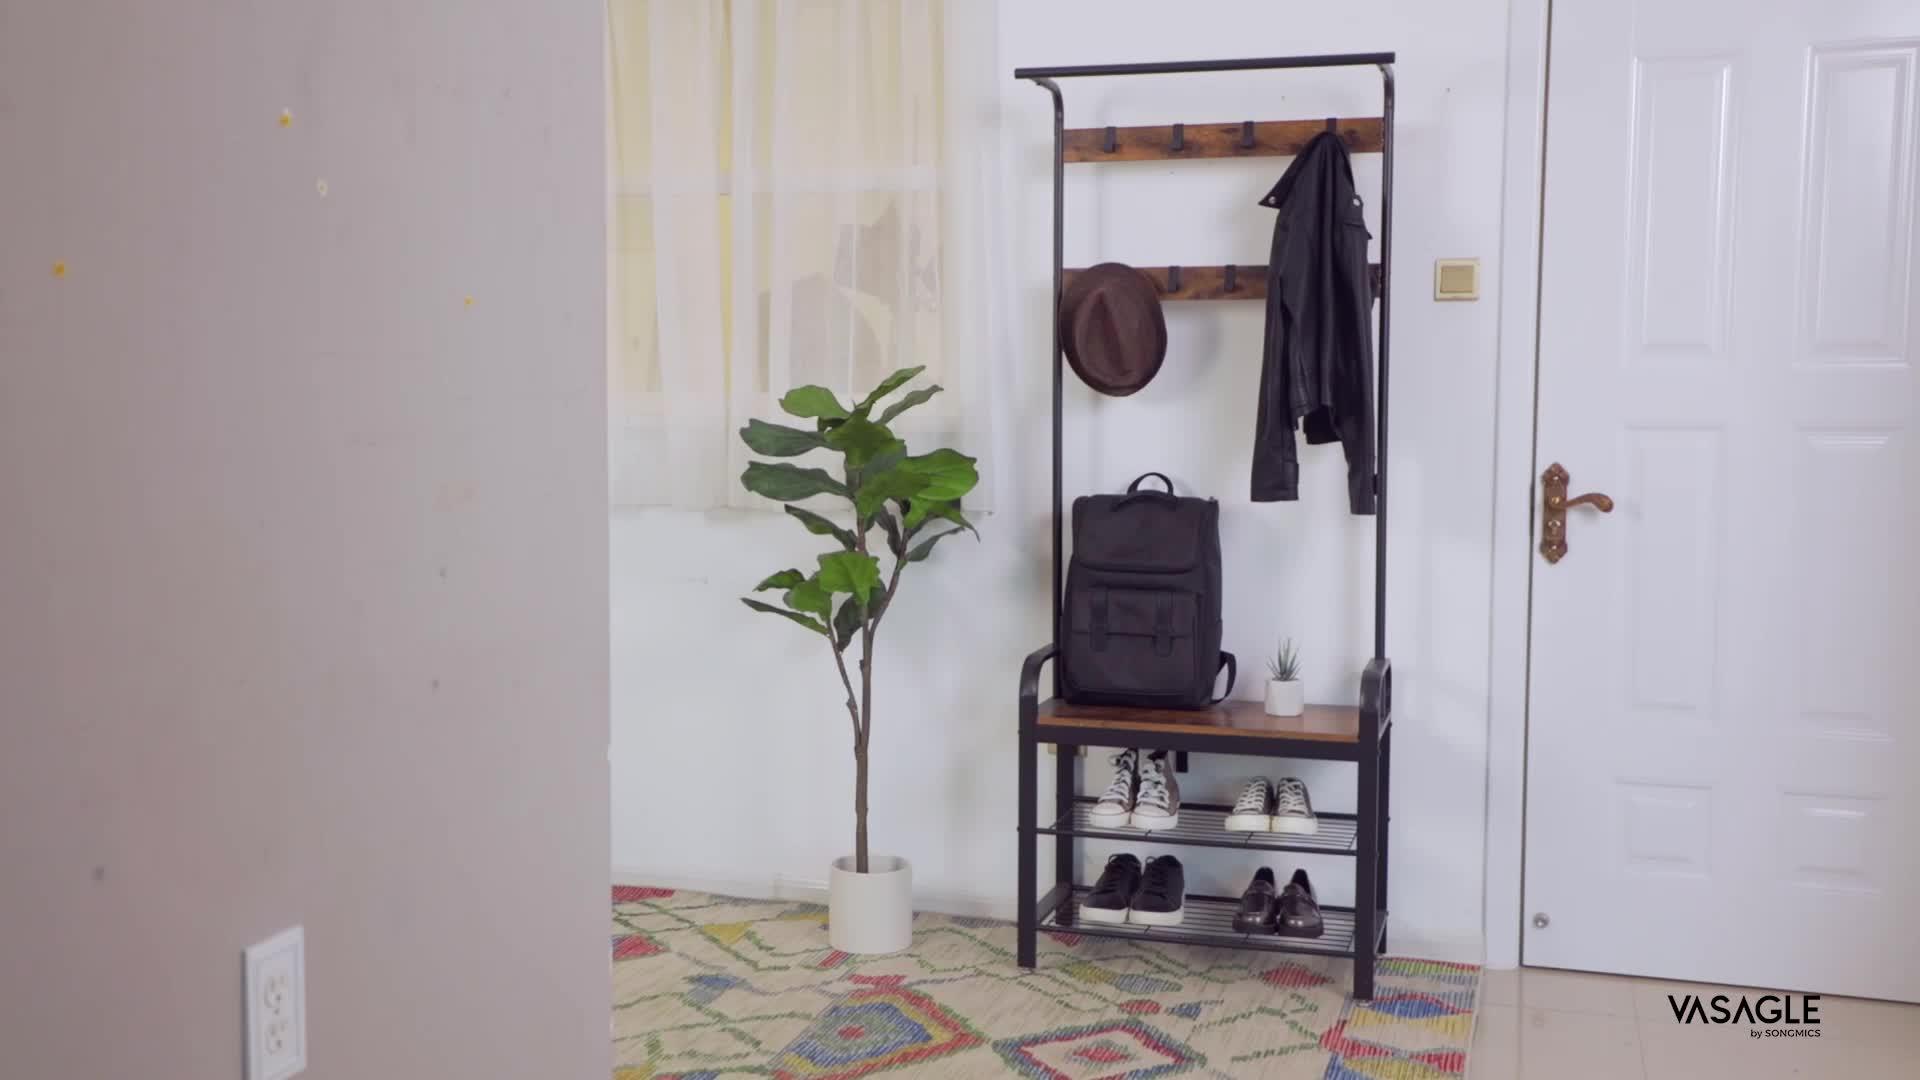 VASAGLE Винтаж деревенский дерево Entryway мебель пальто стойки стенд с обувной скамейке